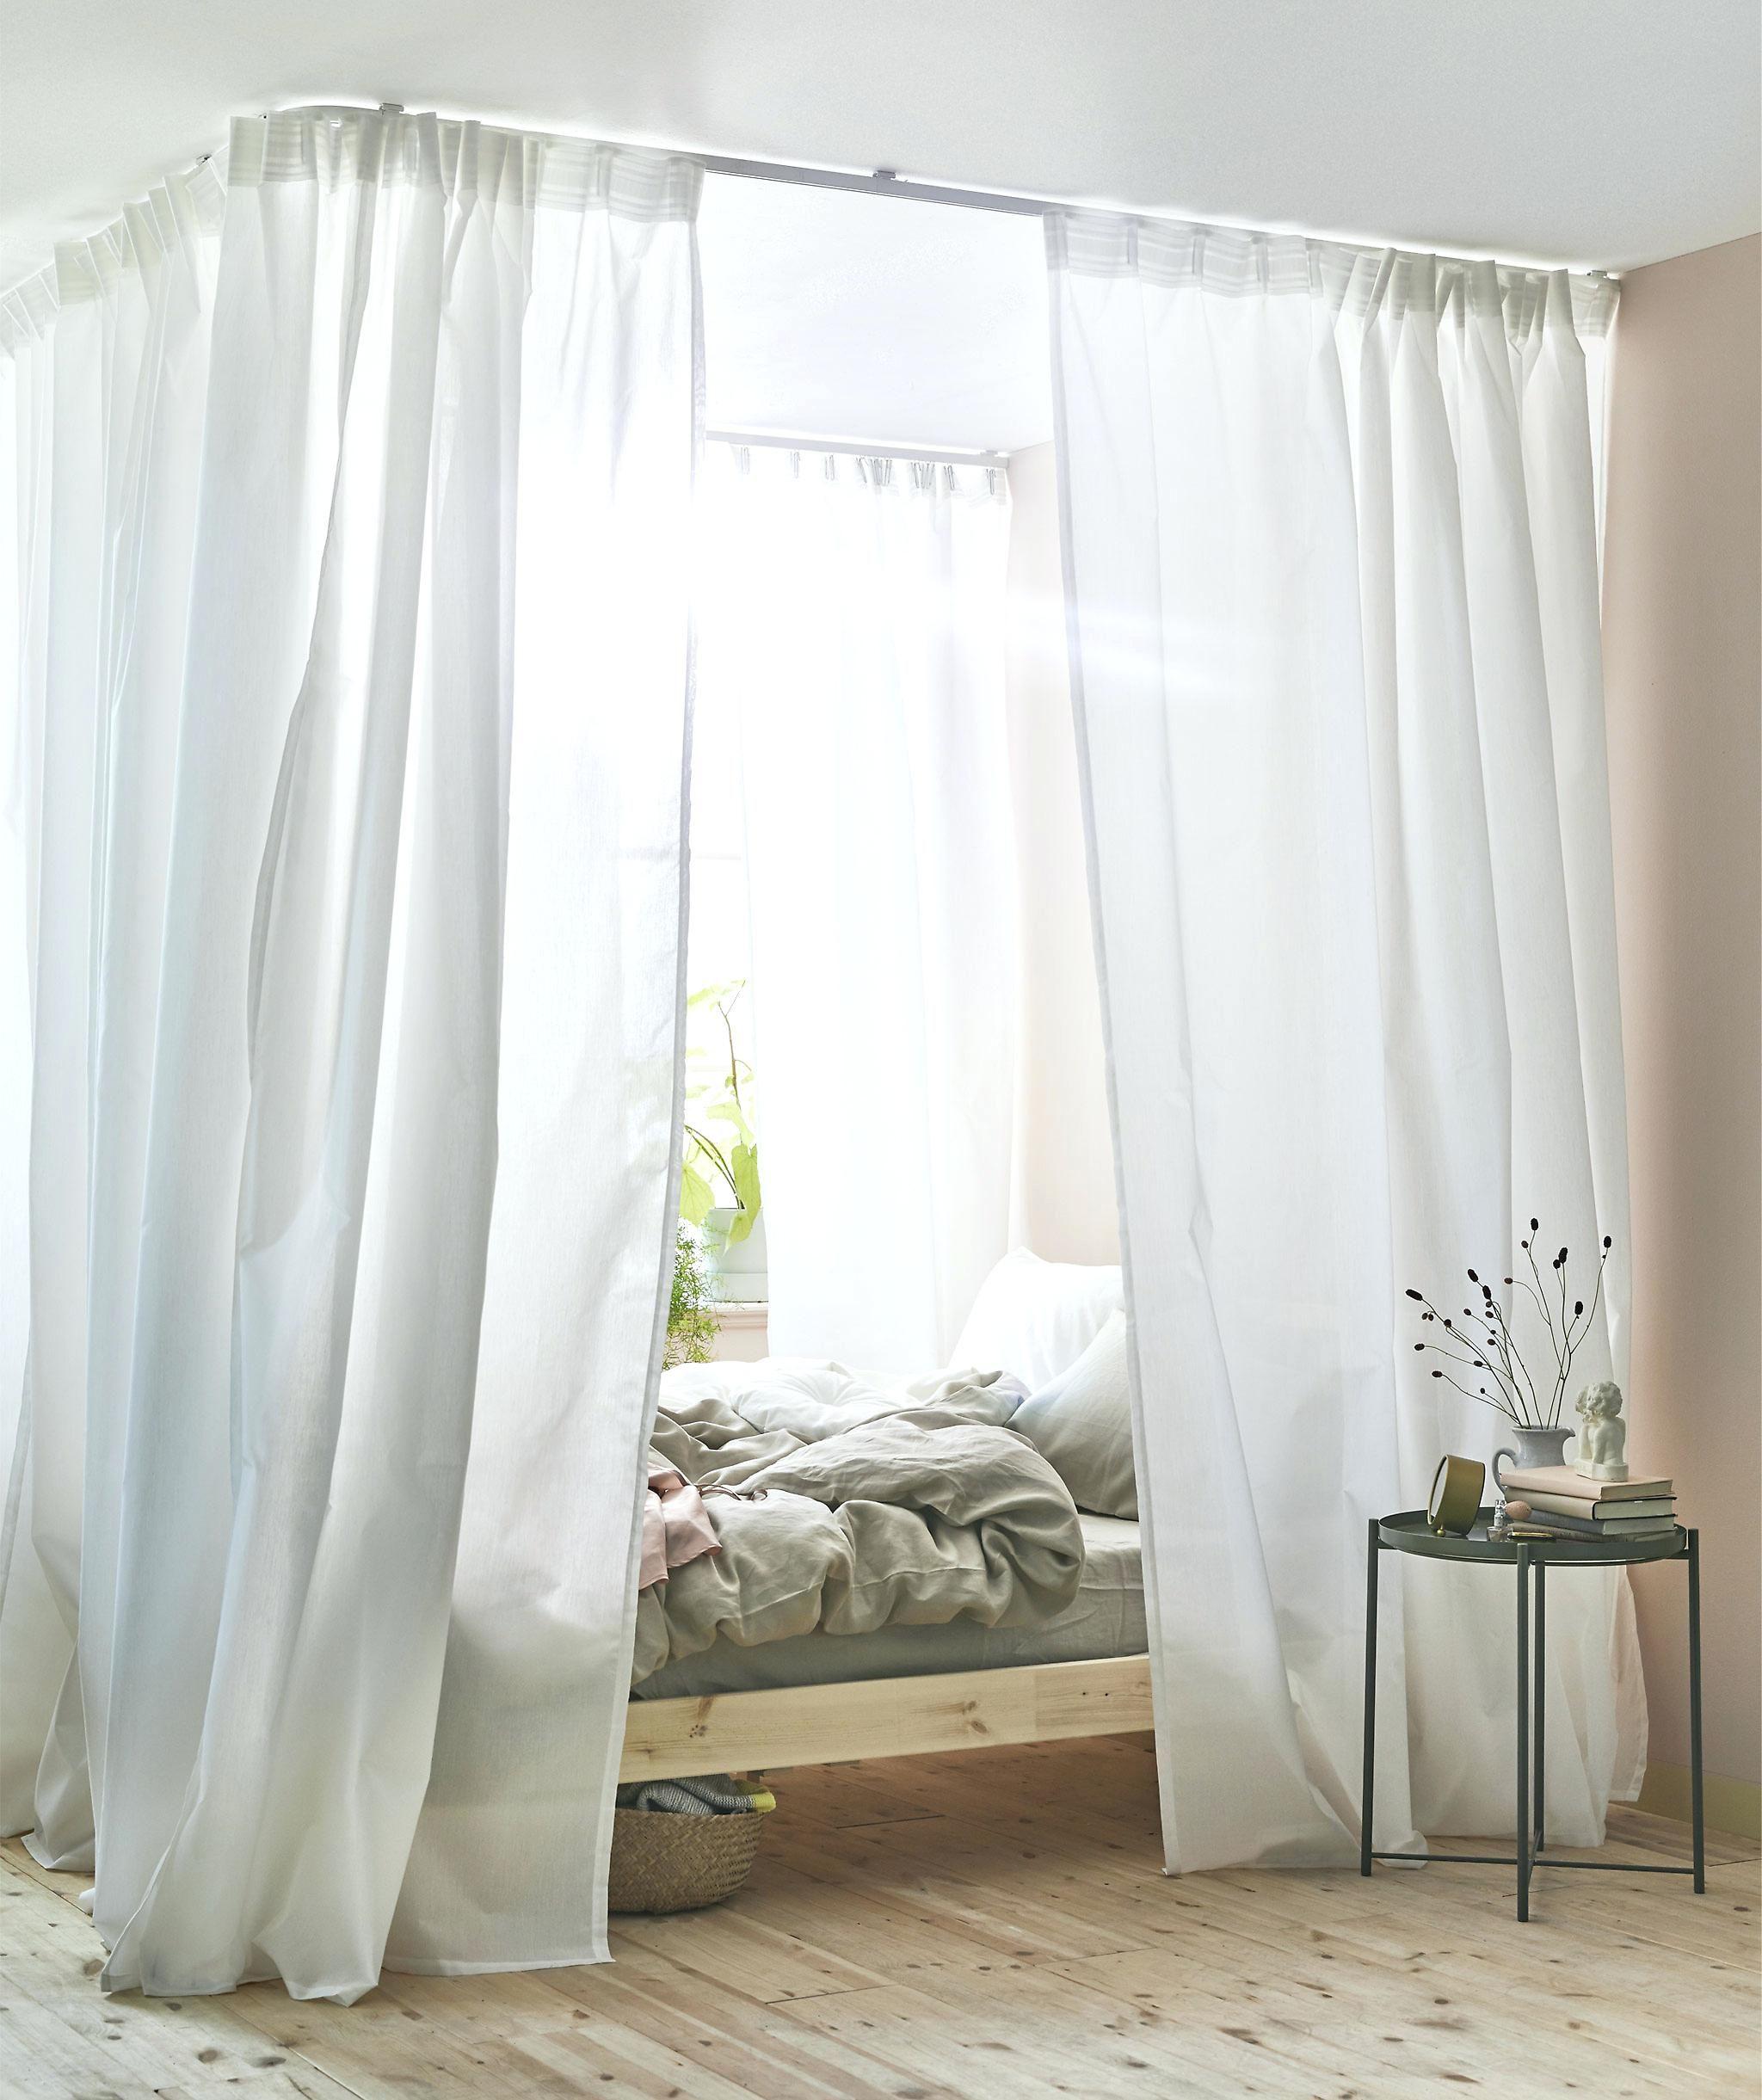 Camera da letto vintage: il baldacchino secondo IKEA